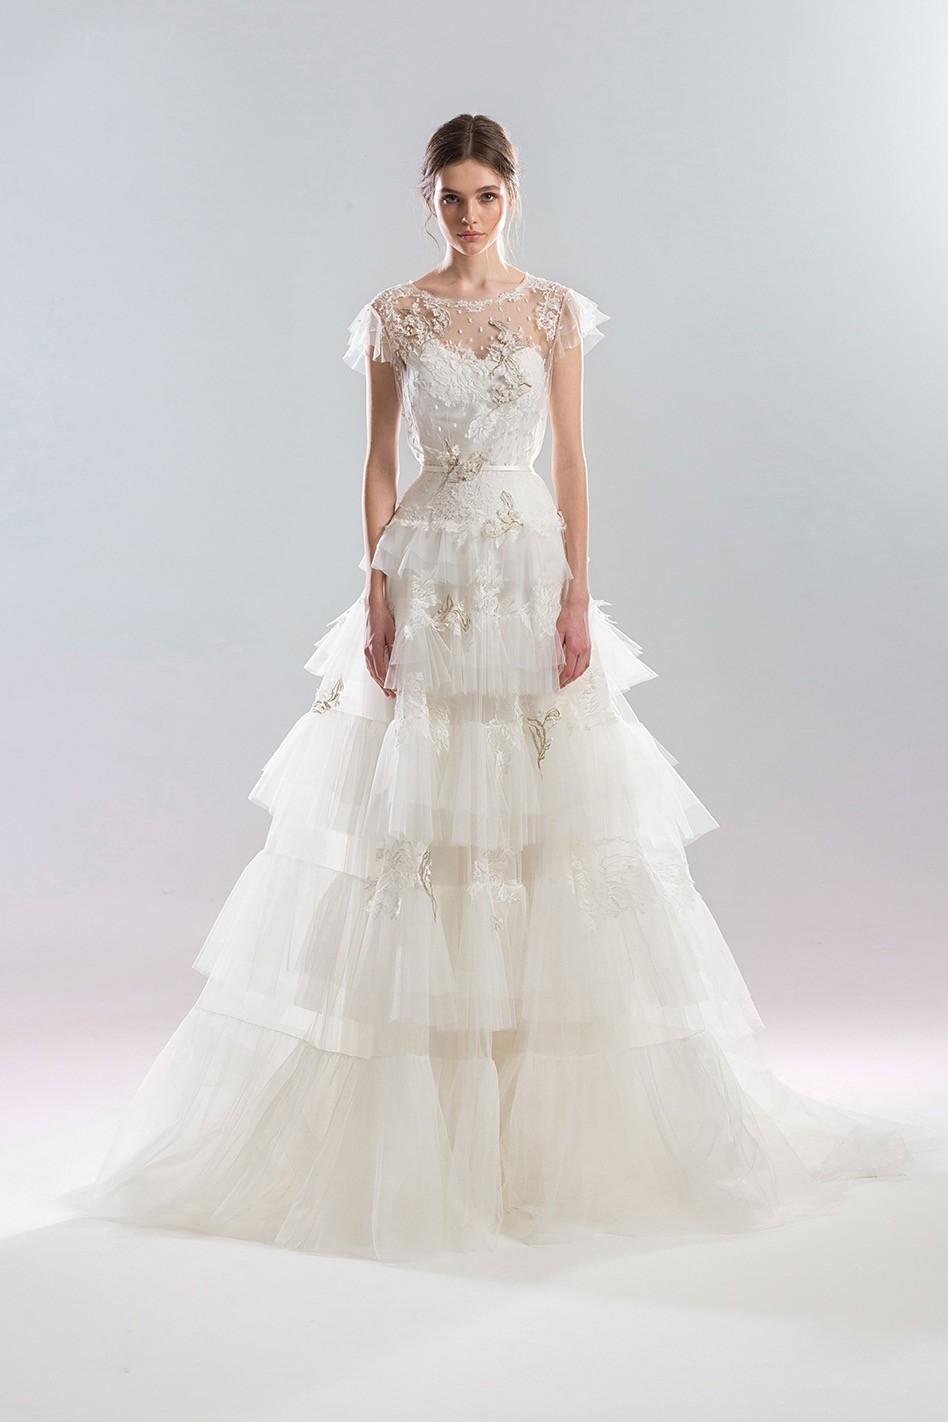 Brautkleid mit Volantrock von Papilio